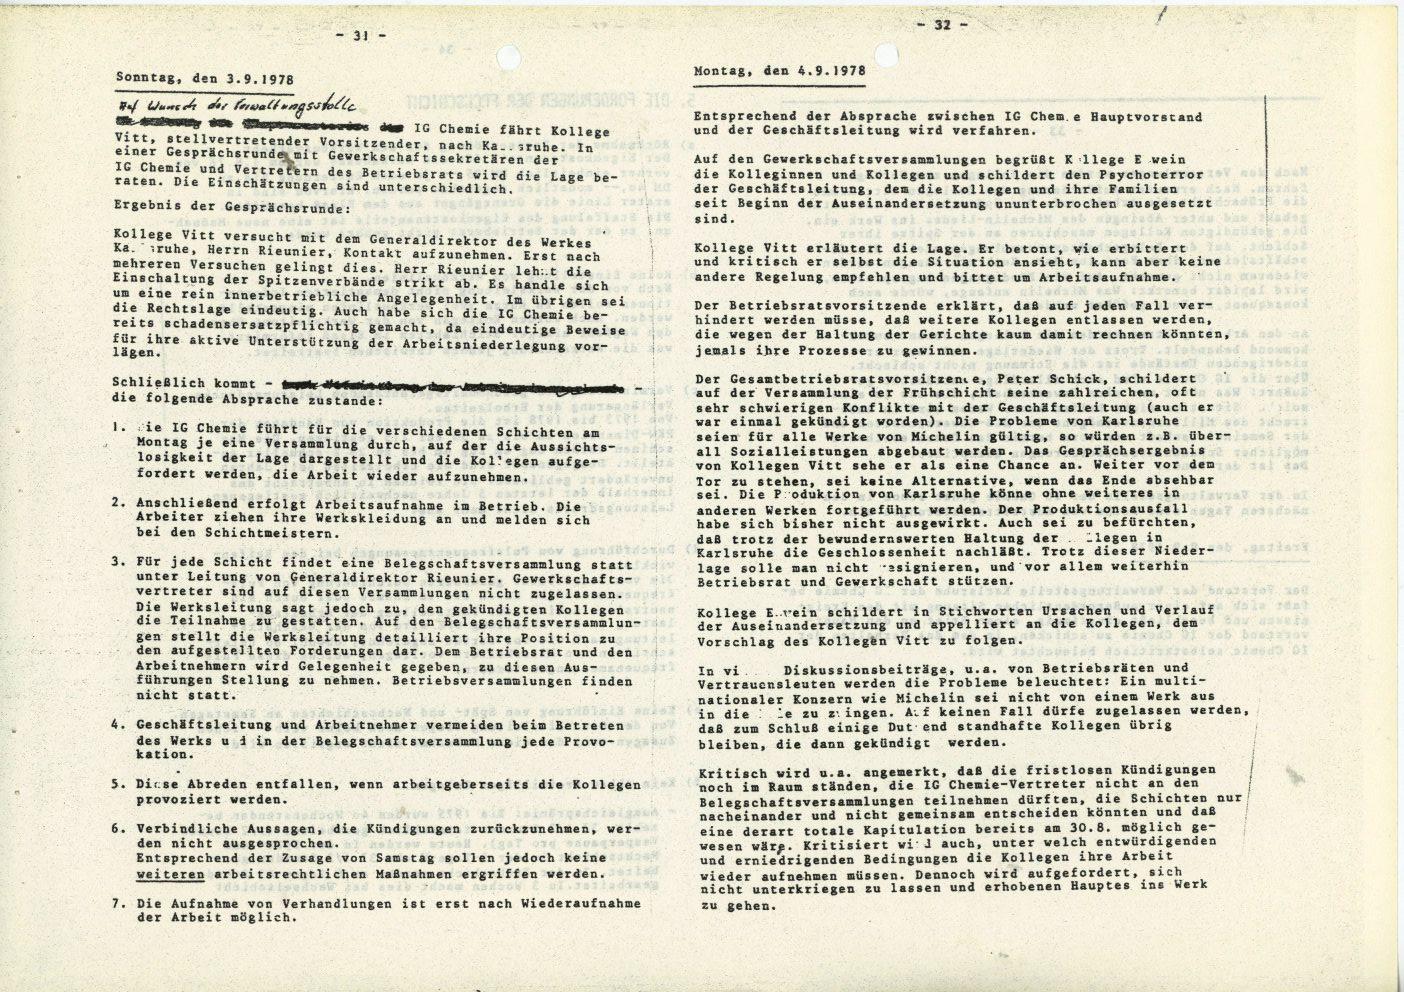 Karlsruhe_Michelin_IGCPK_Doku_zum_Arbeitskonflikt_1978_16